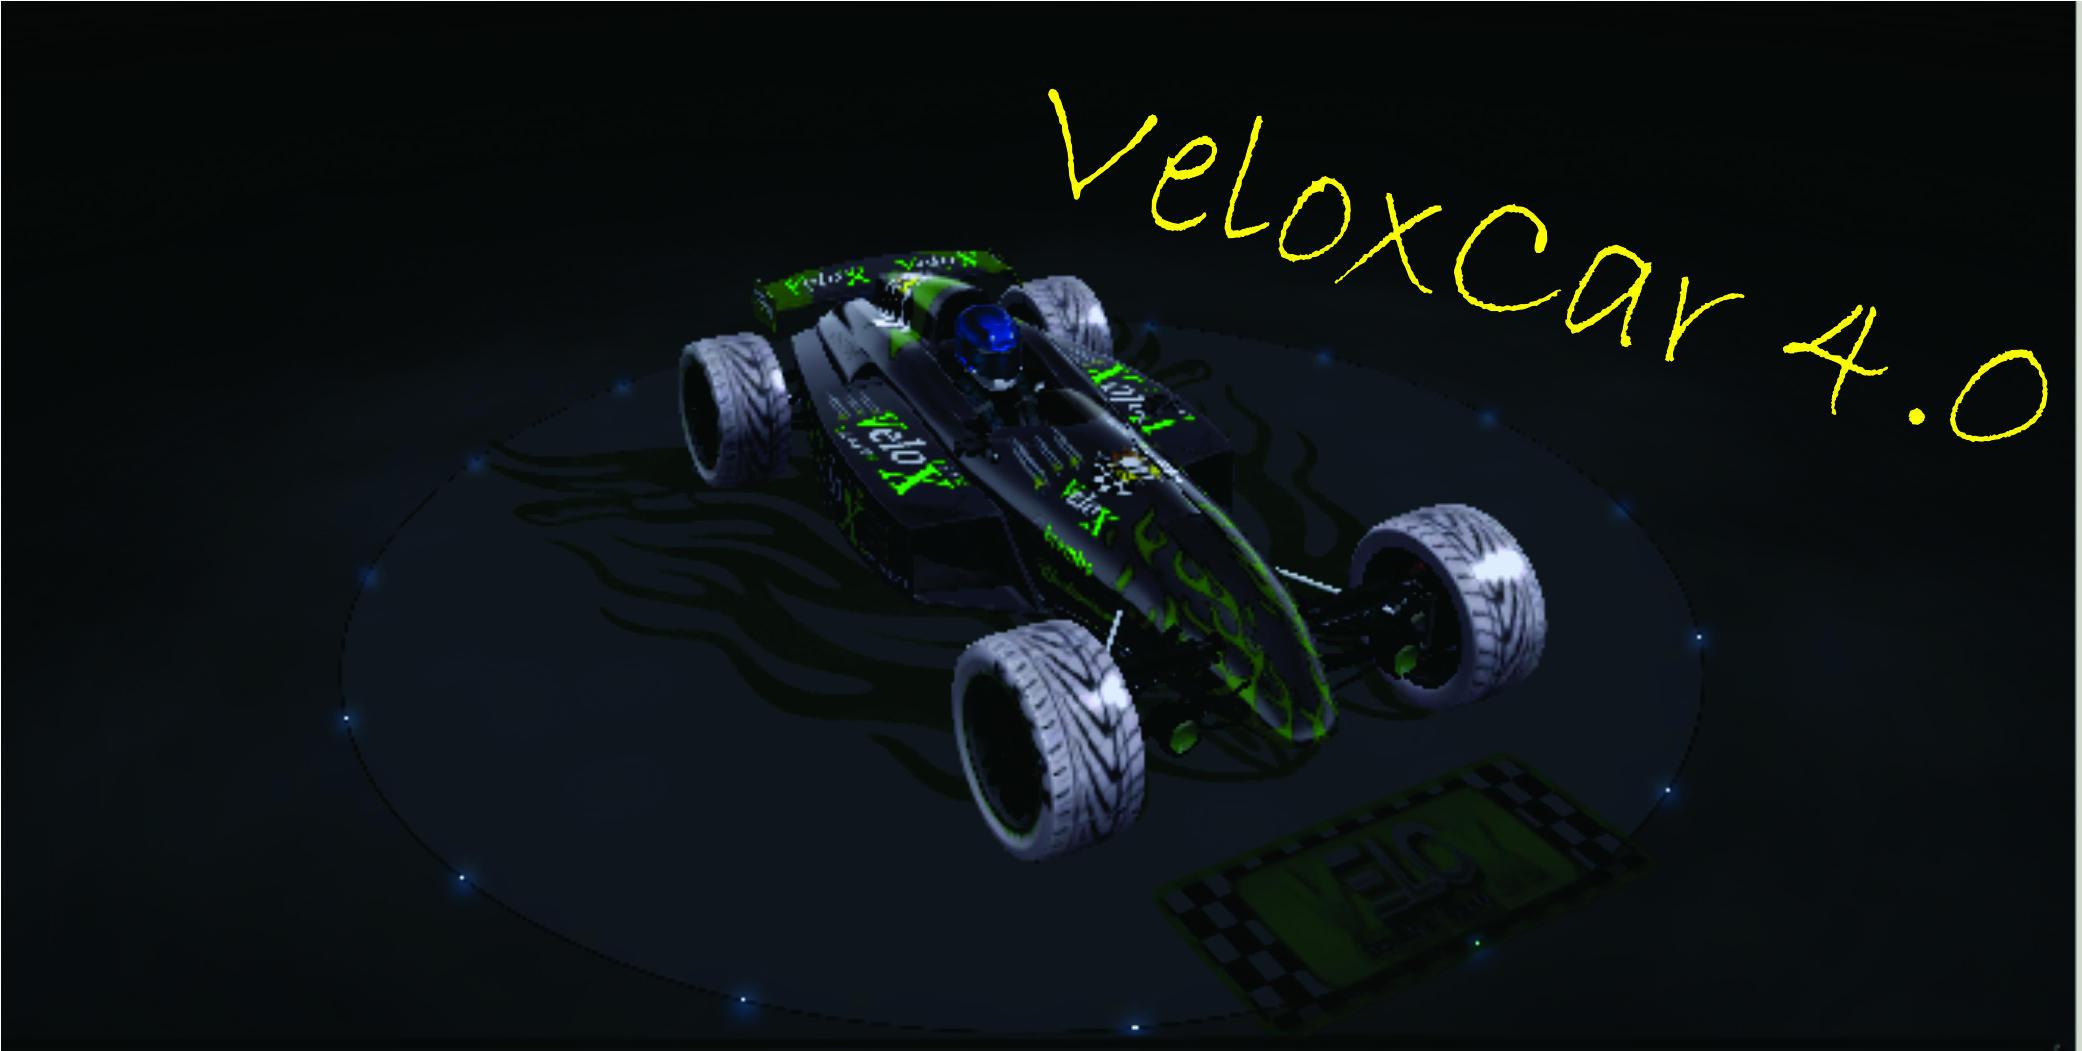 Carros da Velox Yjnx80k0fqnjyhhfg